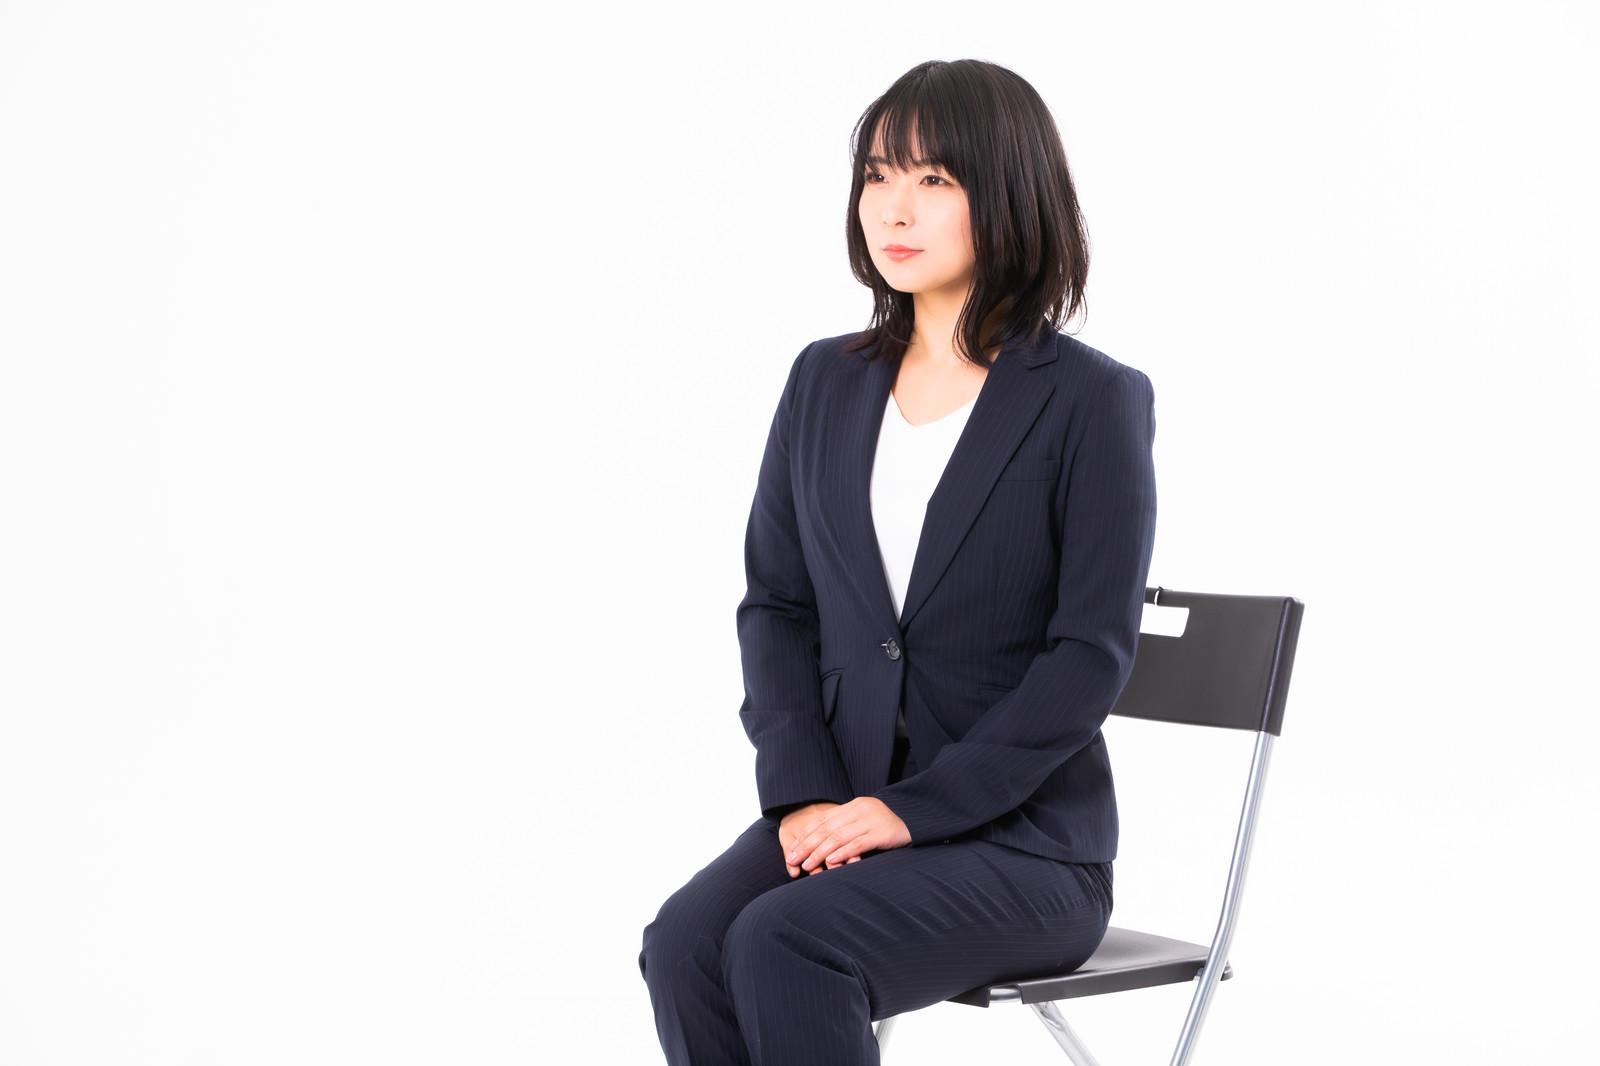 椅子に座るスーツ姿の女性